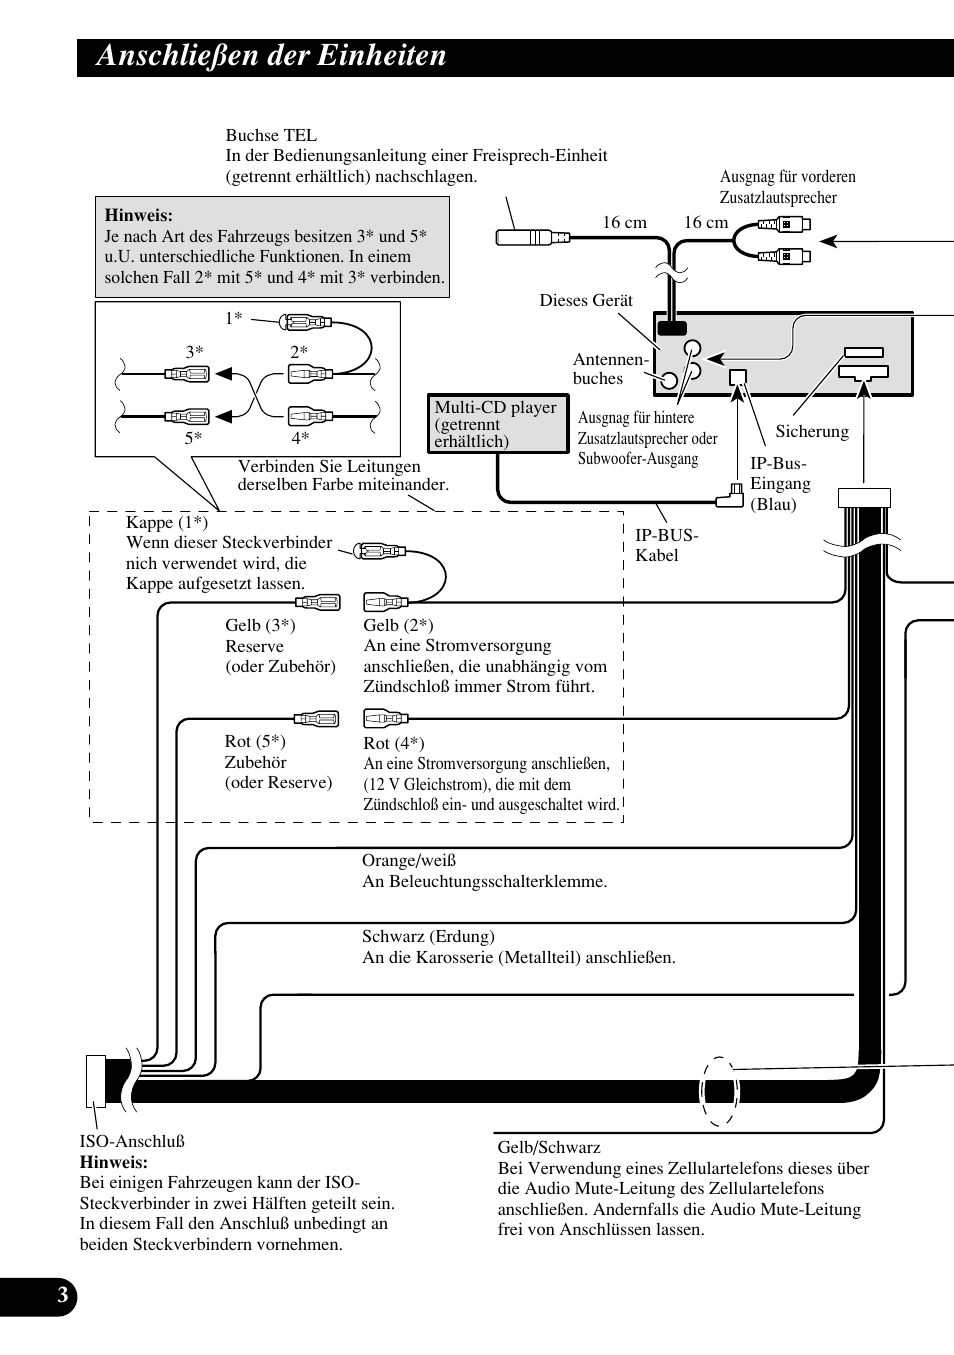 Ungewöhnlich Diagramm Anschliessen Bilder - Der Schaltplan - greigo.com